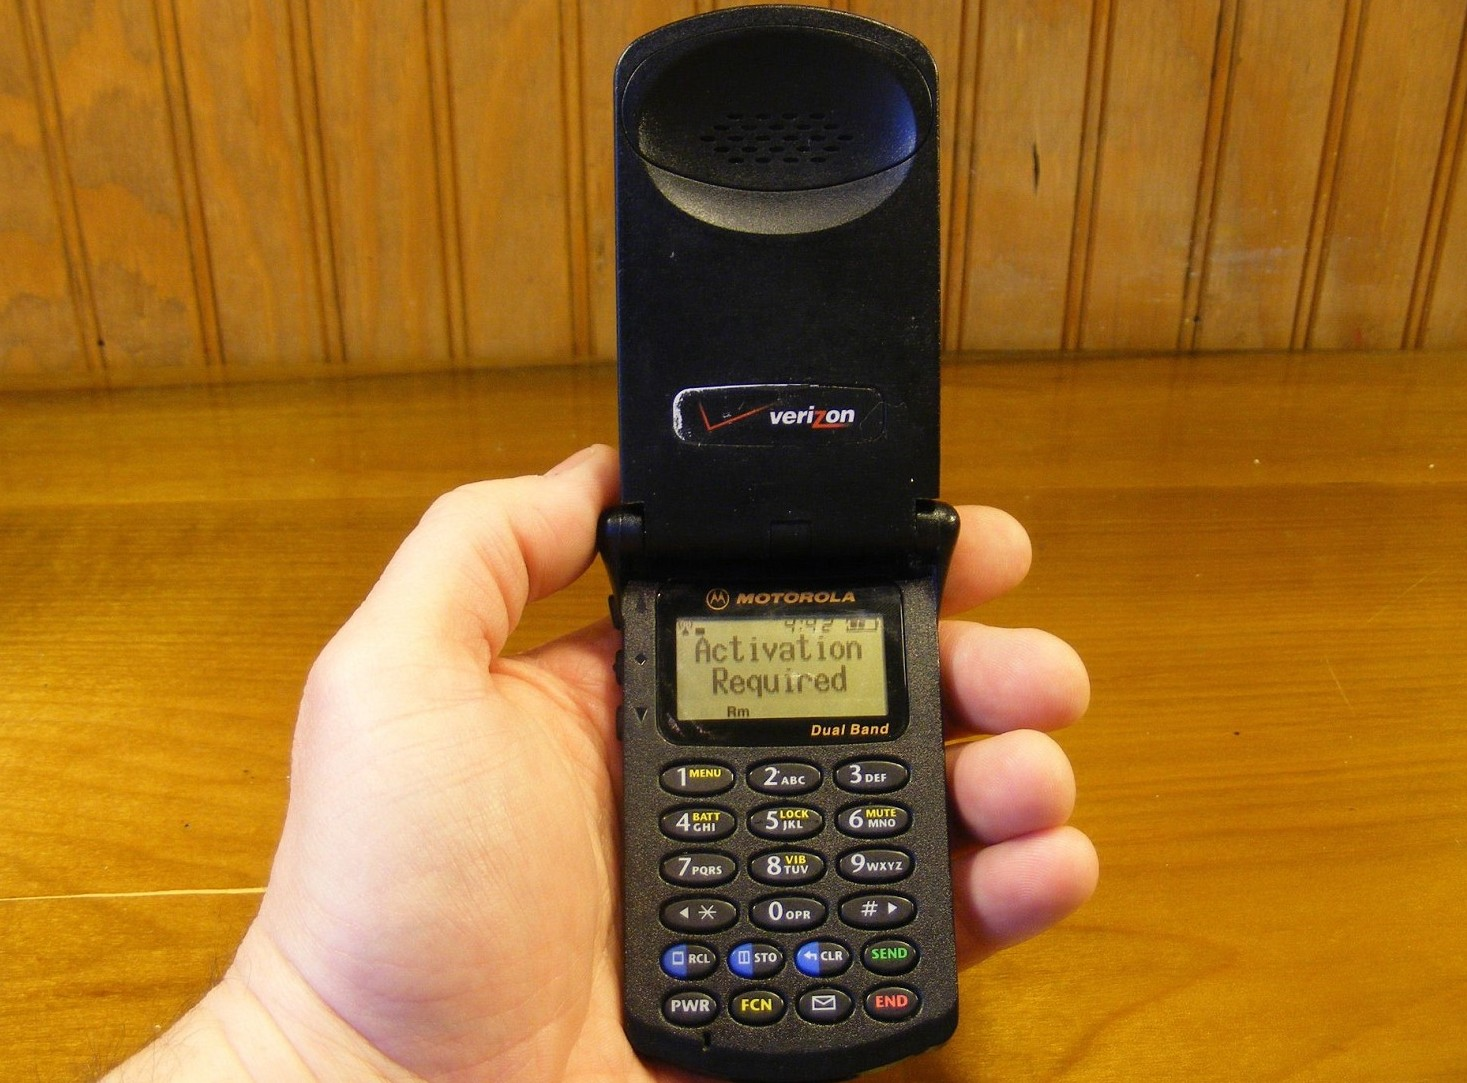 Se avete uno di questi vecchi telefoni p